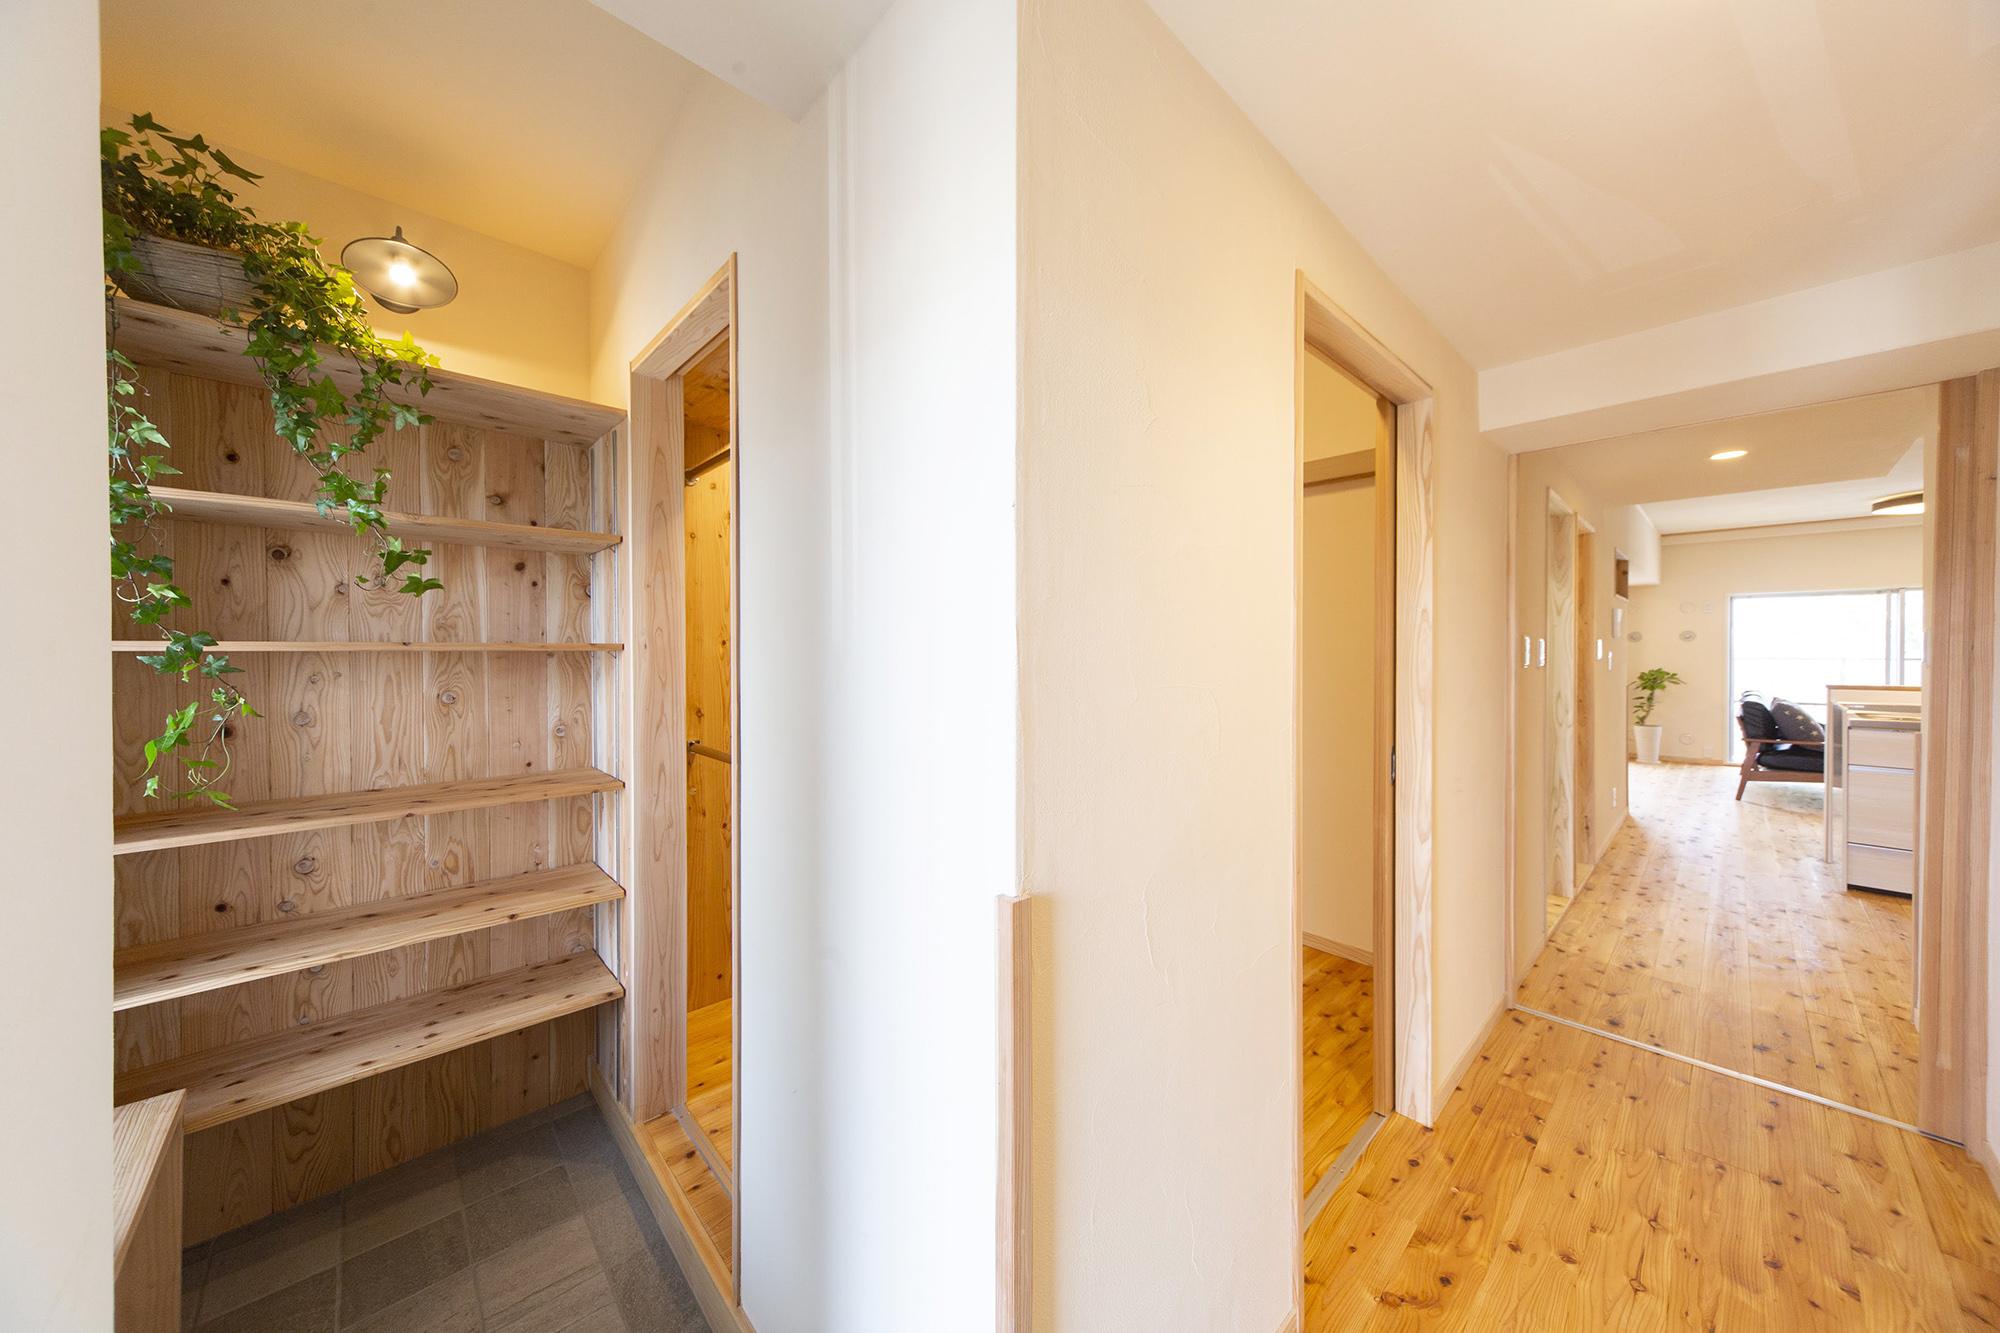 明るく窓のある玄関と大容量収納の家